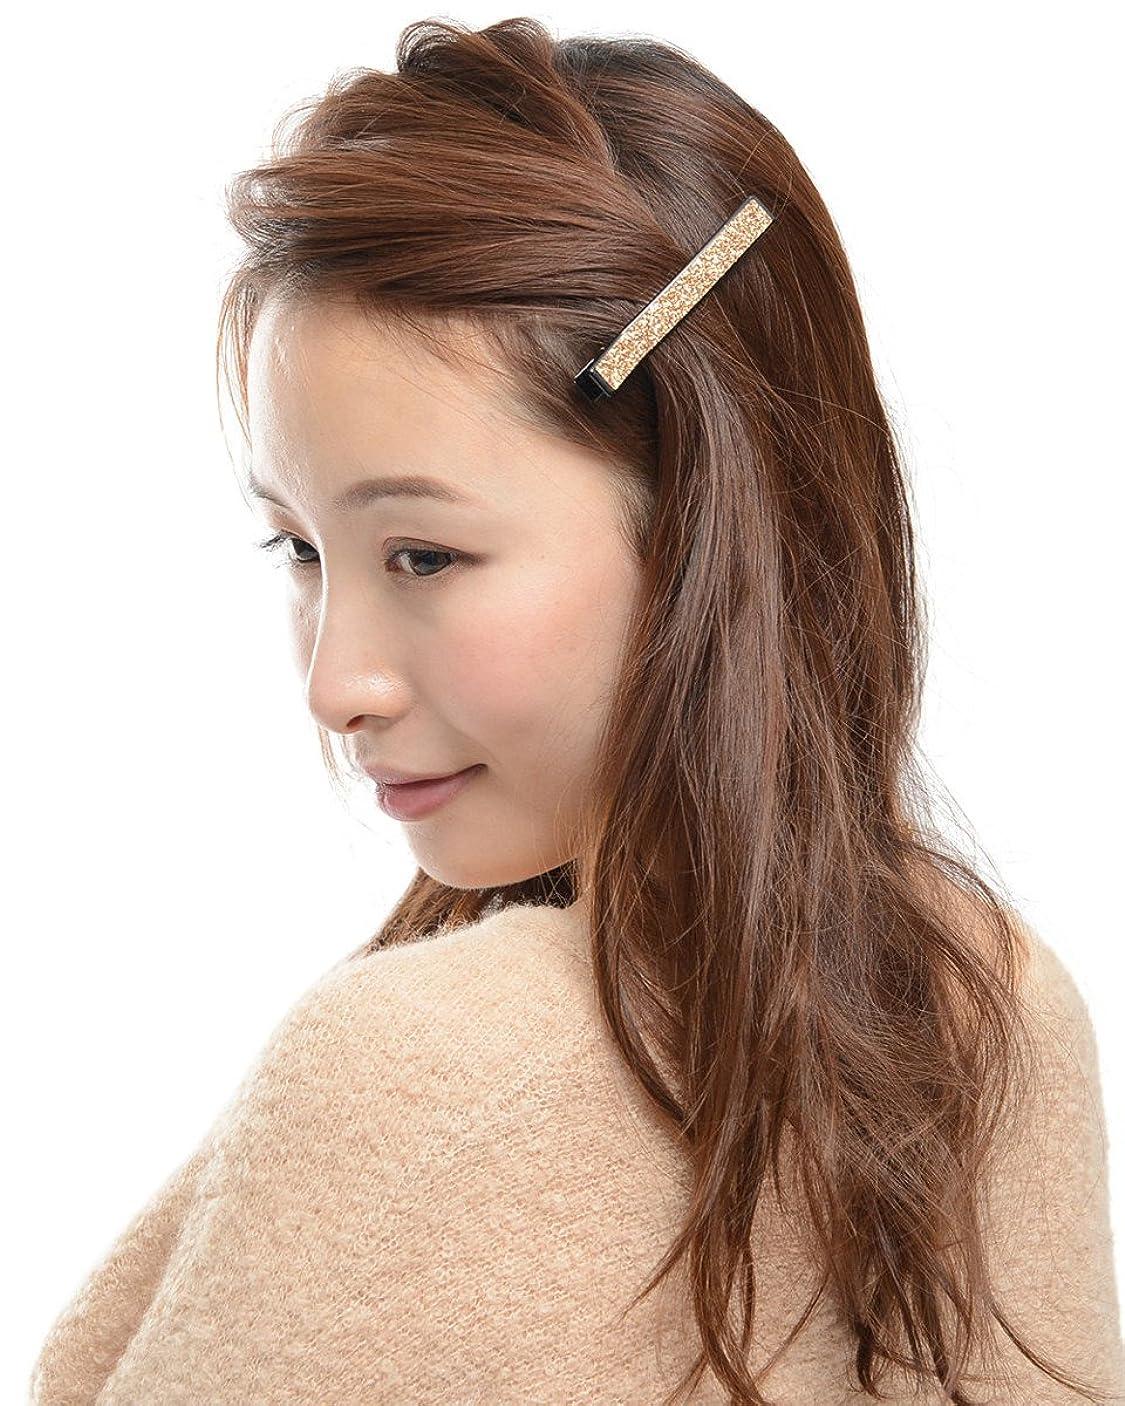 滝かけがえのない忘れられない(ヴィラジオ)Viragio ヘアクリップ 2個 セット 小 小さめ シンプル ゴールド ヘアピン 髪留め くちばしクリップ シンプル ヘアアクセサリー ダッカール クリップ ブランド vi-0395